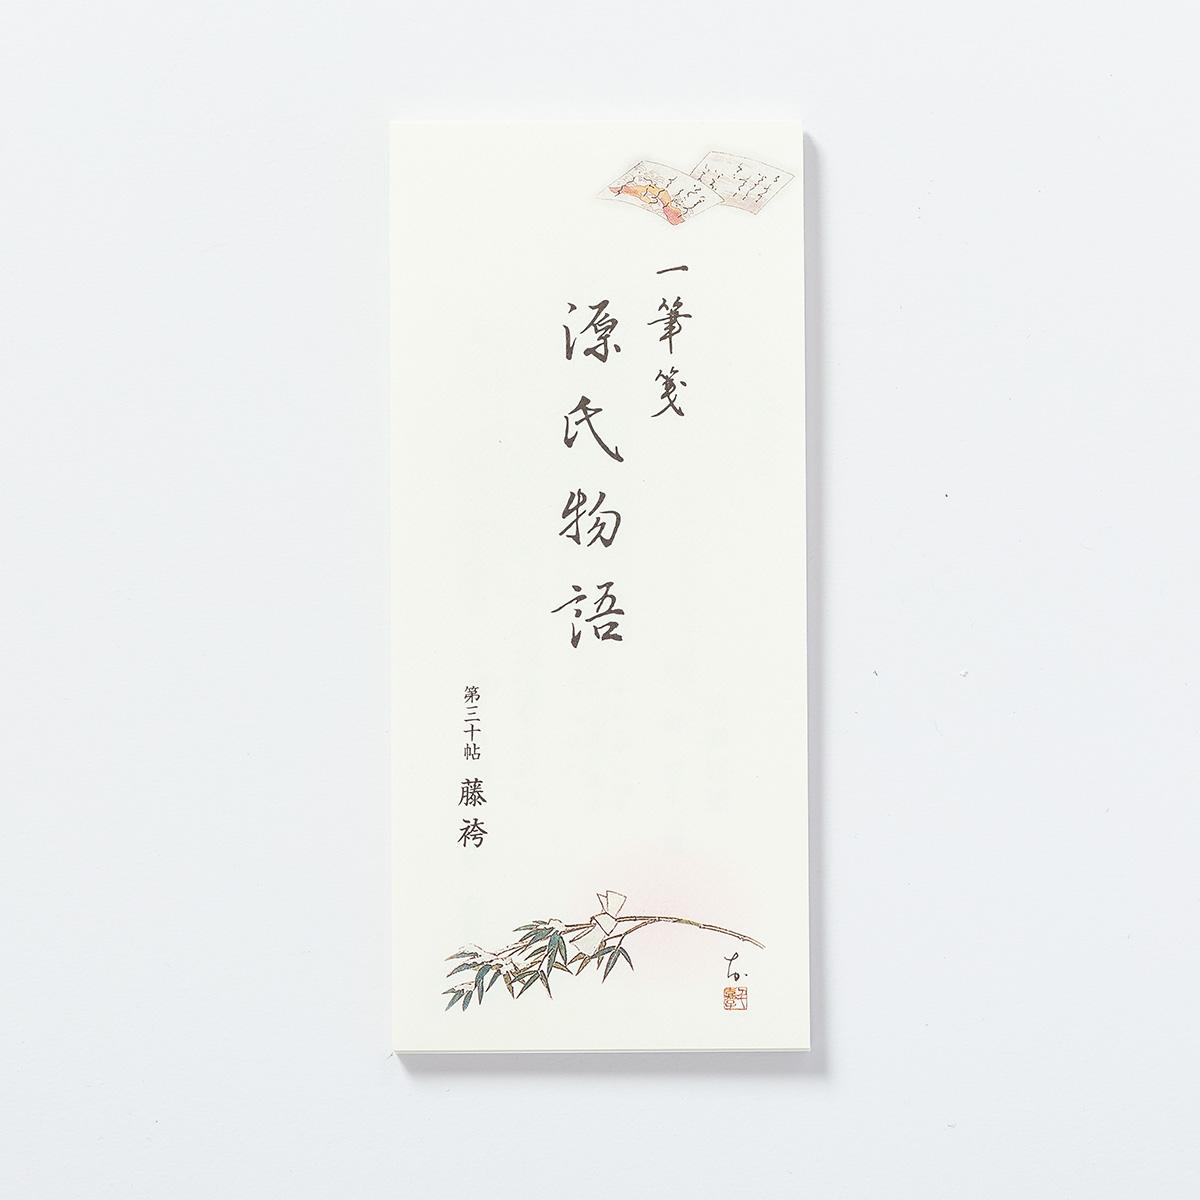 源氏物語一筆箋 第30帖「藤袴」